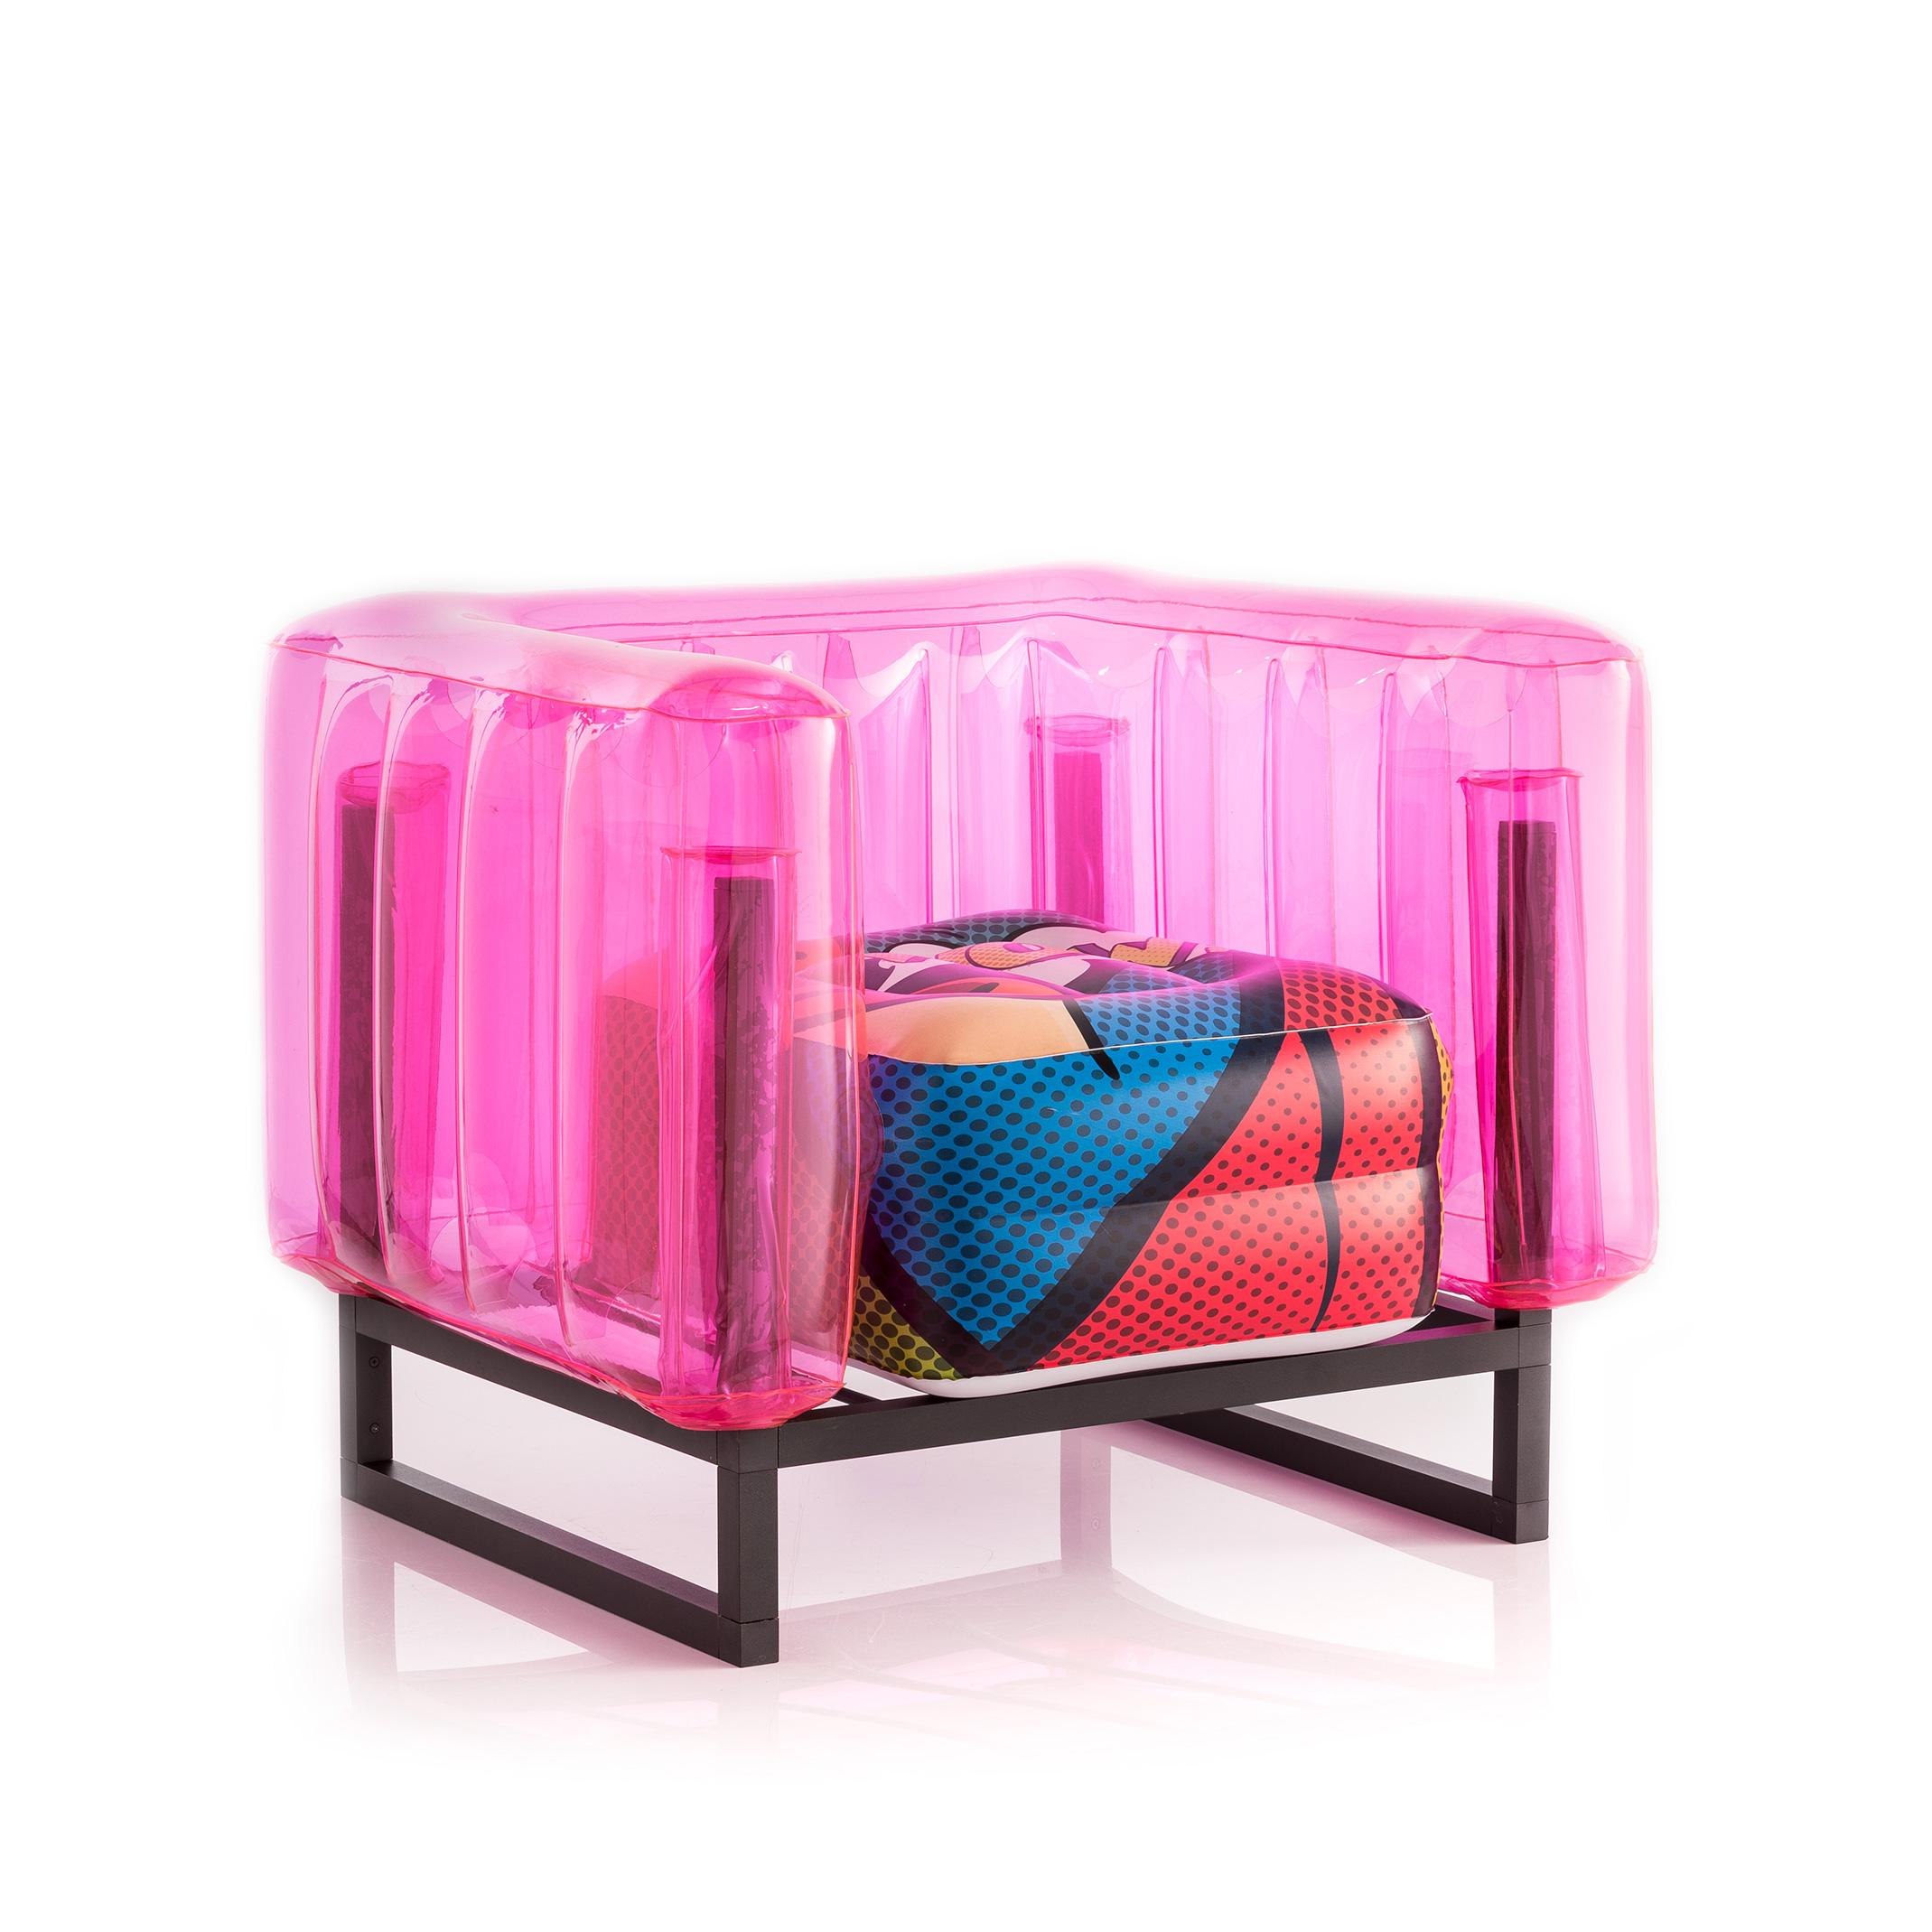 Fauteuil en tpu rose style Pop Art série limitée